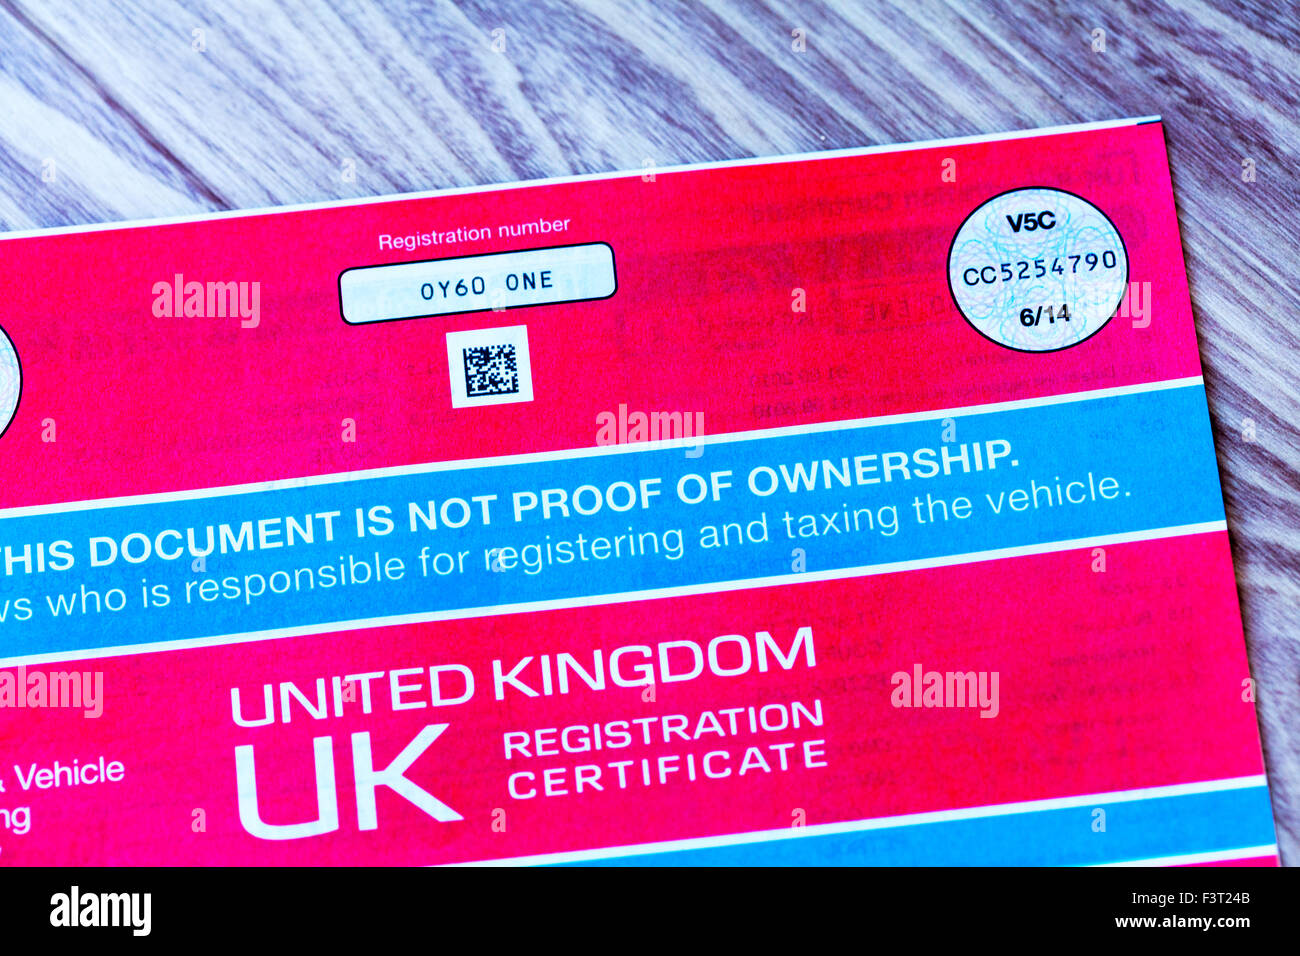 car registration photos car registration images alamy. Black Bedroom Furniture Sets. Home Design Ideas